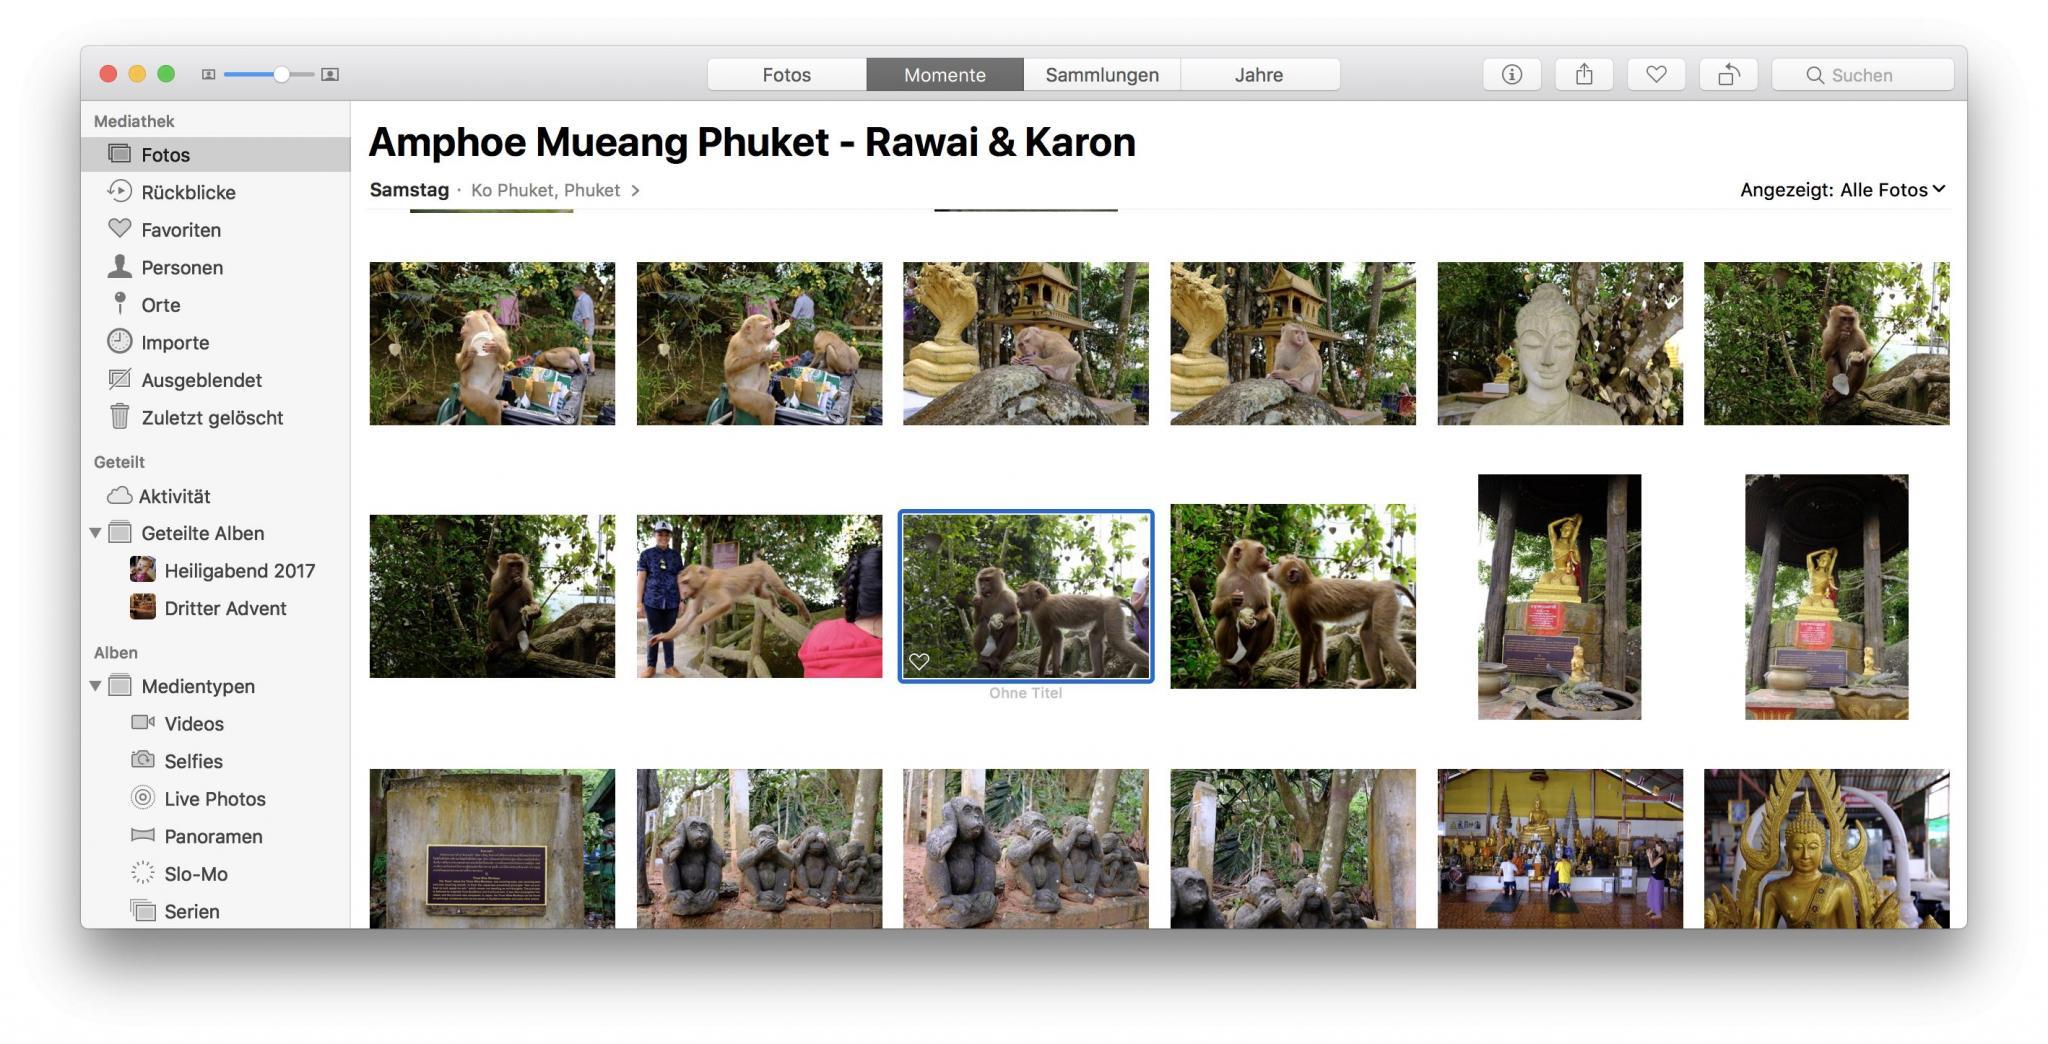 Nach dem Import sind alle Bilder wieder an ihrem Platz – aber ohne die RAW-Dateien.